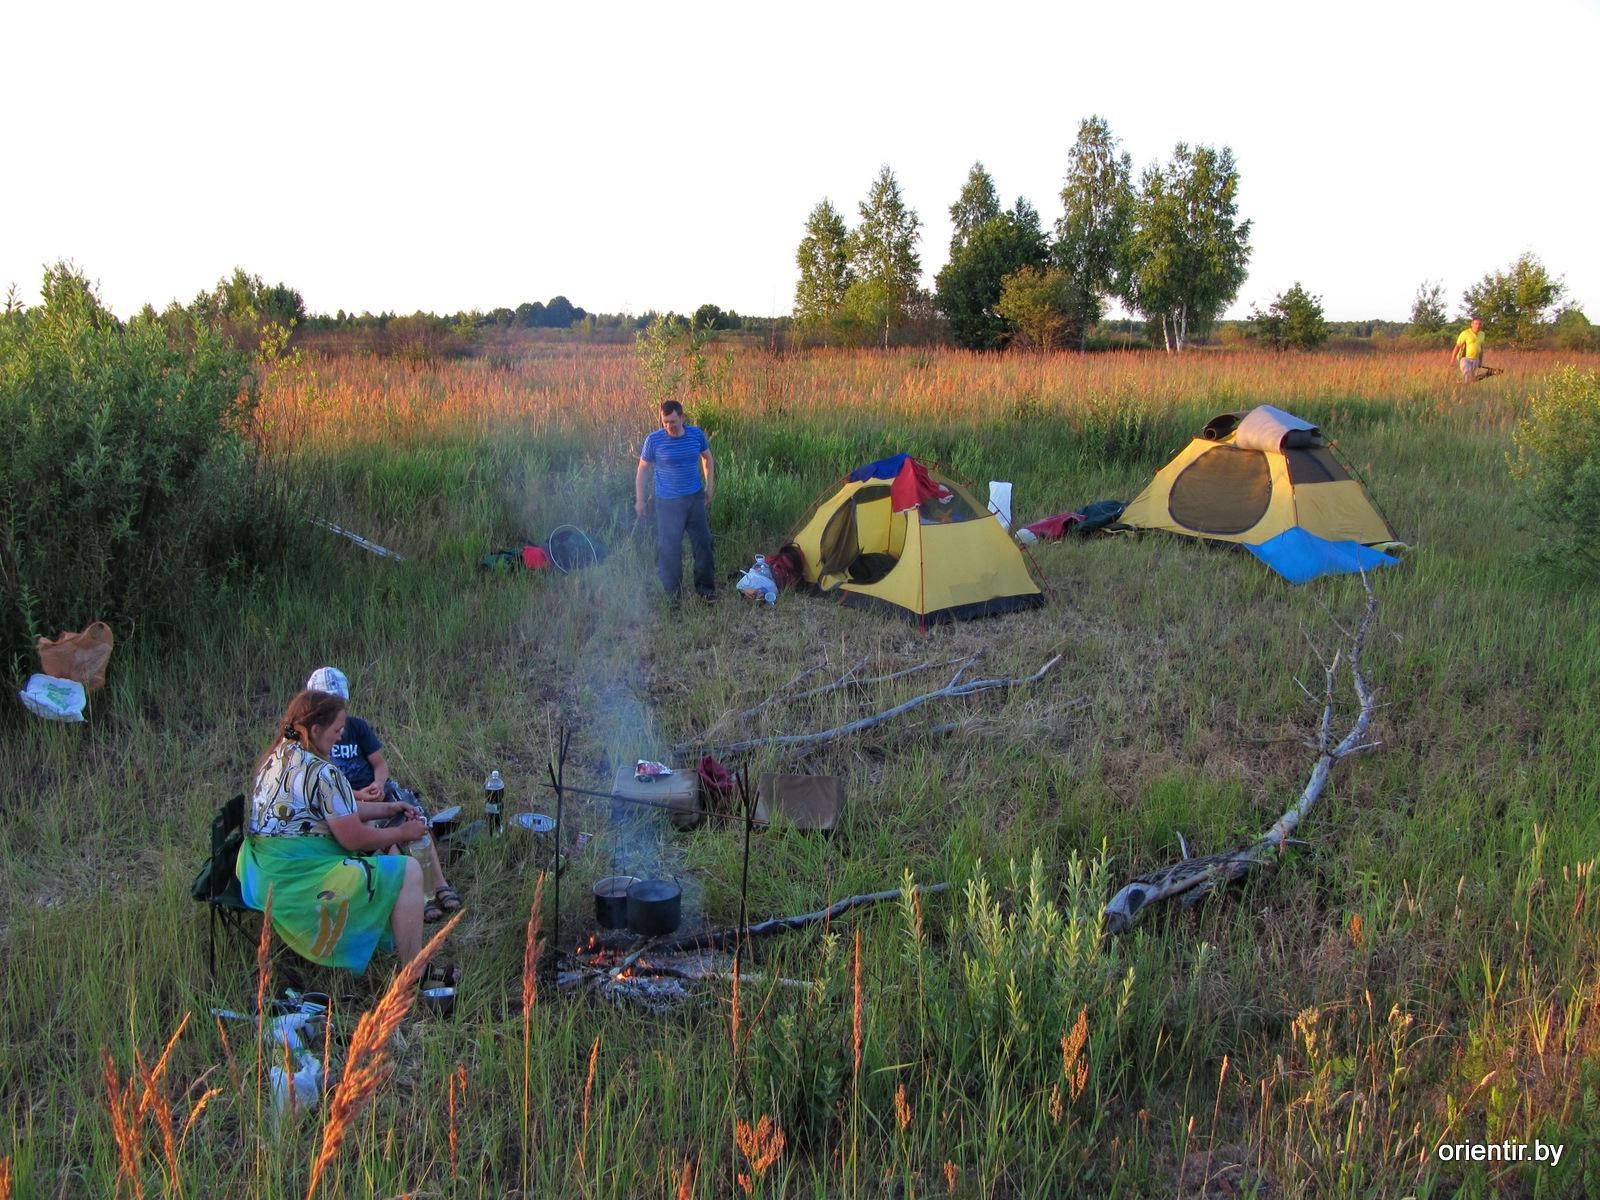 Вечер, душно, палатки ставили без тентов